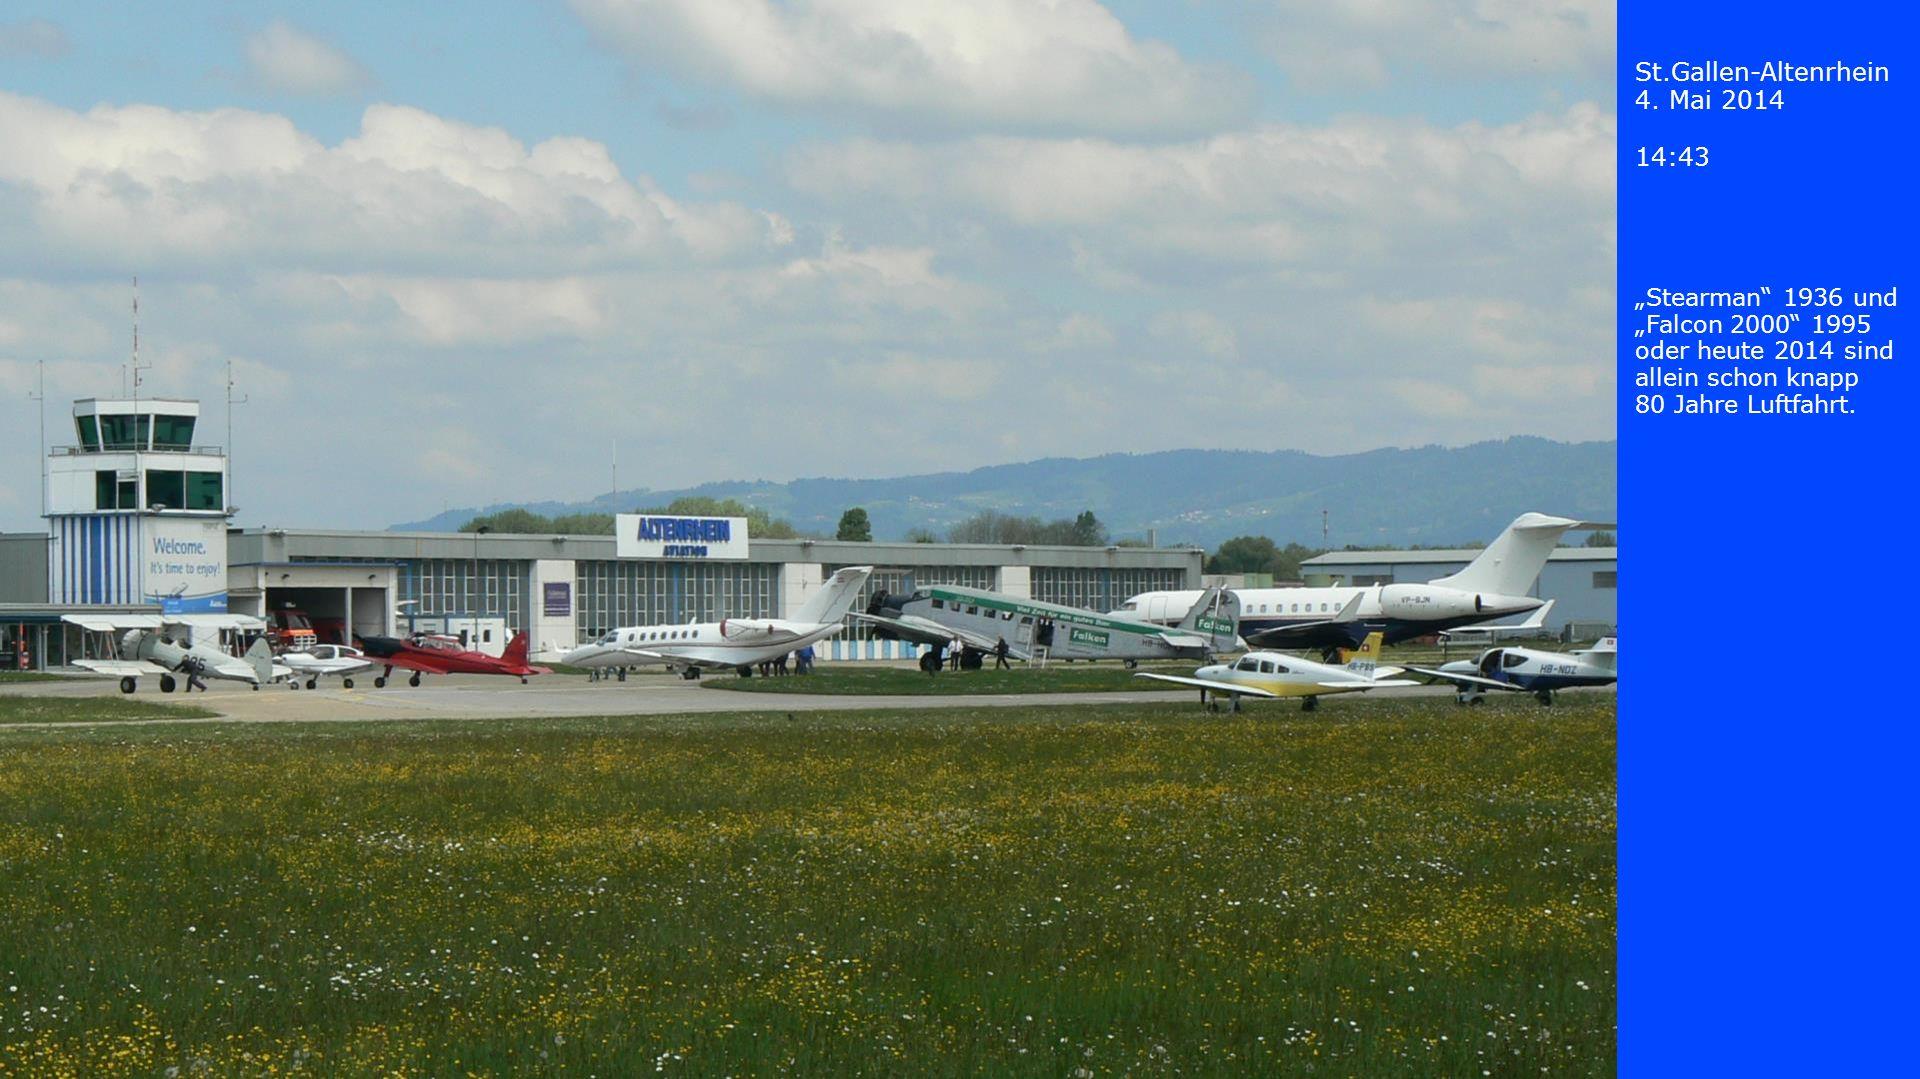 St.Gallen-Altenrhein 4. Mai 2014 14:43 Stearman 1936 und Falcon 2000 1995 oder heute 2014 sind allein schon knapp 80 Jahre Luftfahrt.